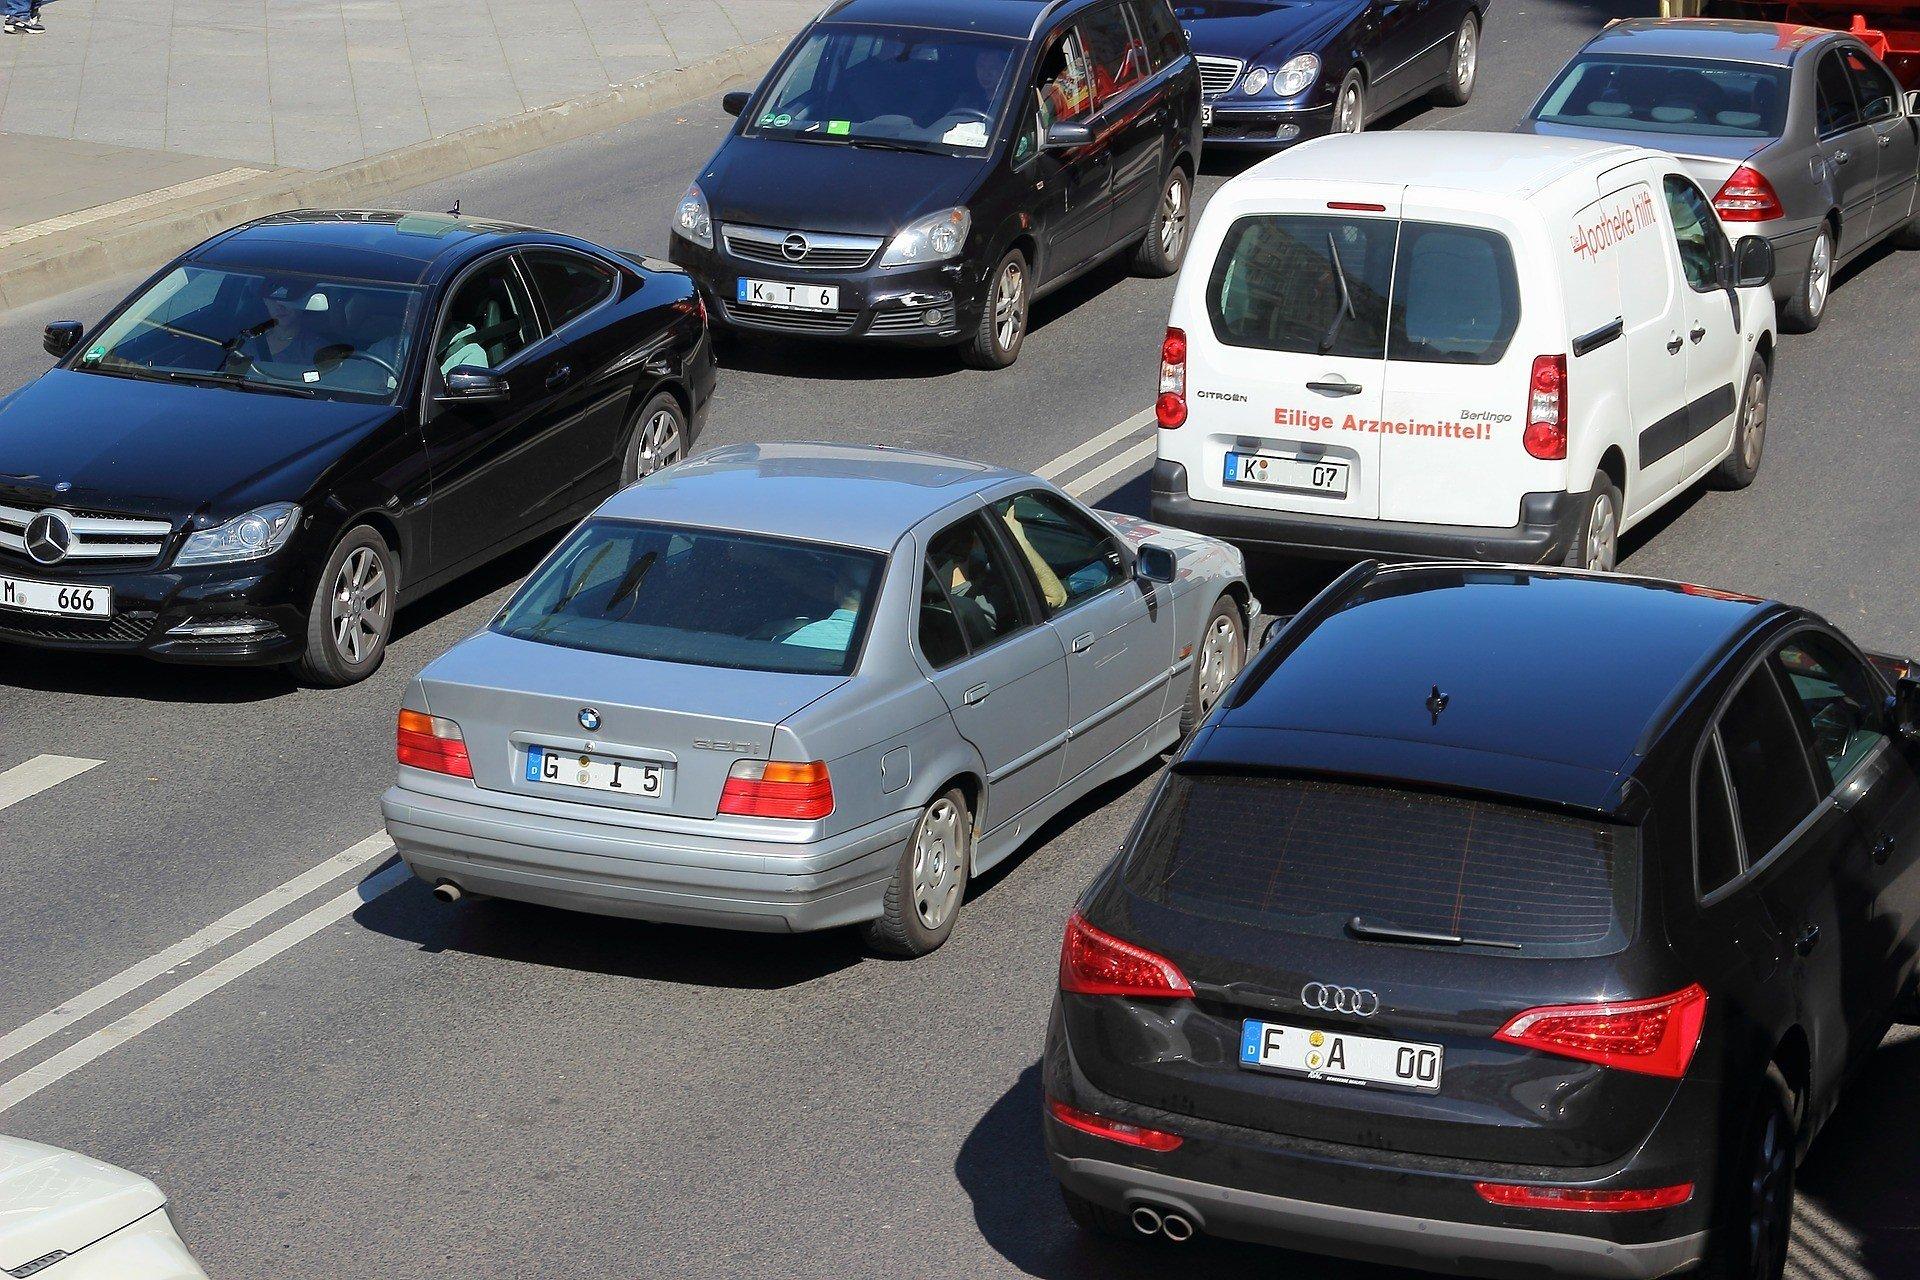 Киев переведет управление трафиком на ИИ